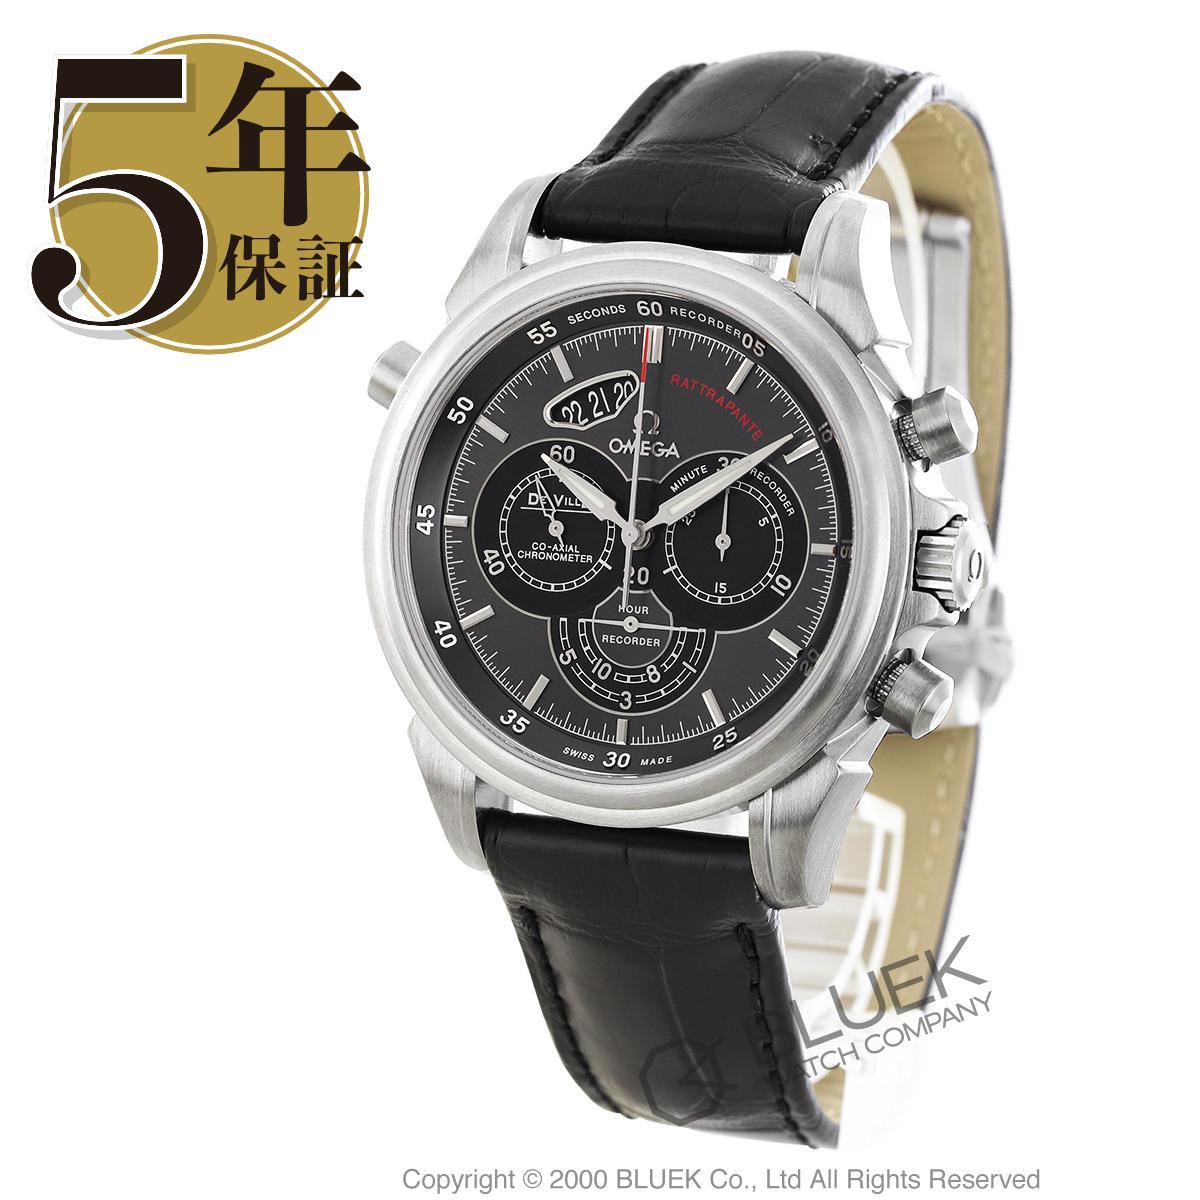 オメガ デビル コーアクシャル クロノスコープ ラトラパンテ クロノグラフ アリゲーターレザー 腕時計 メンズ OMEGA 422.13.44.51.06.001_8